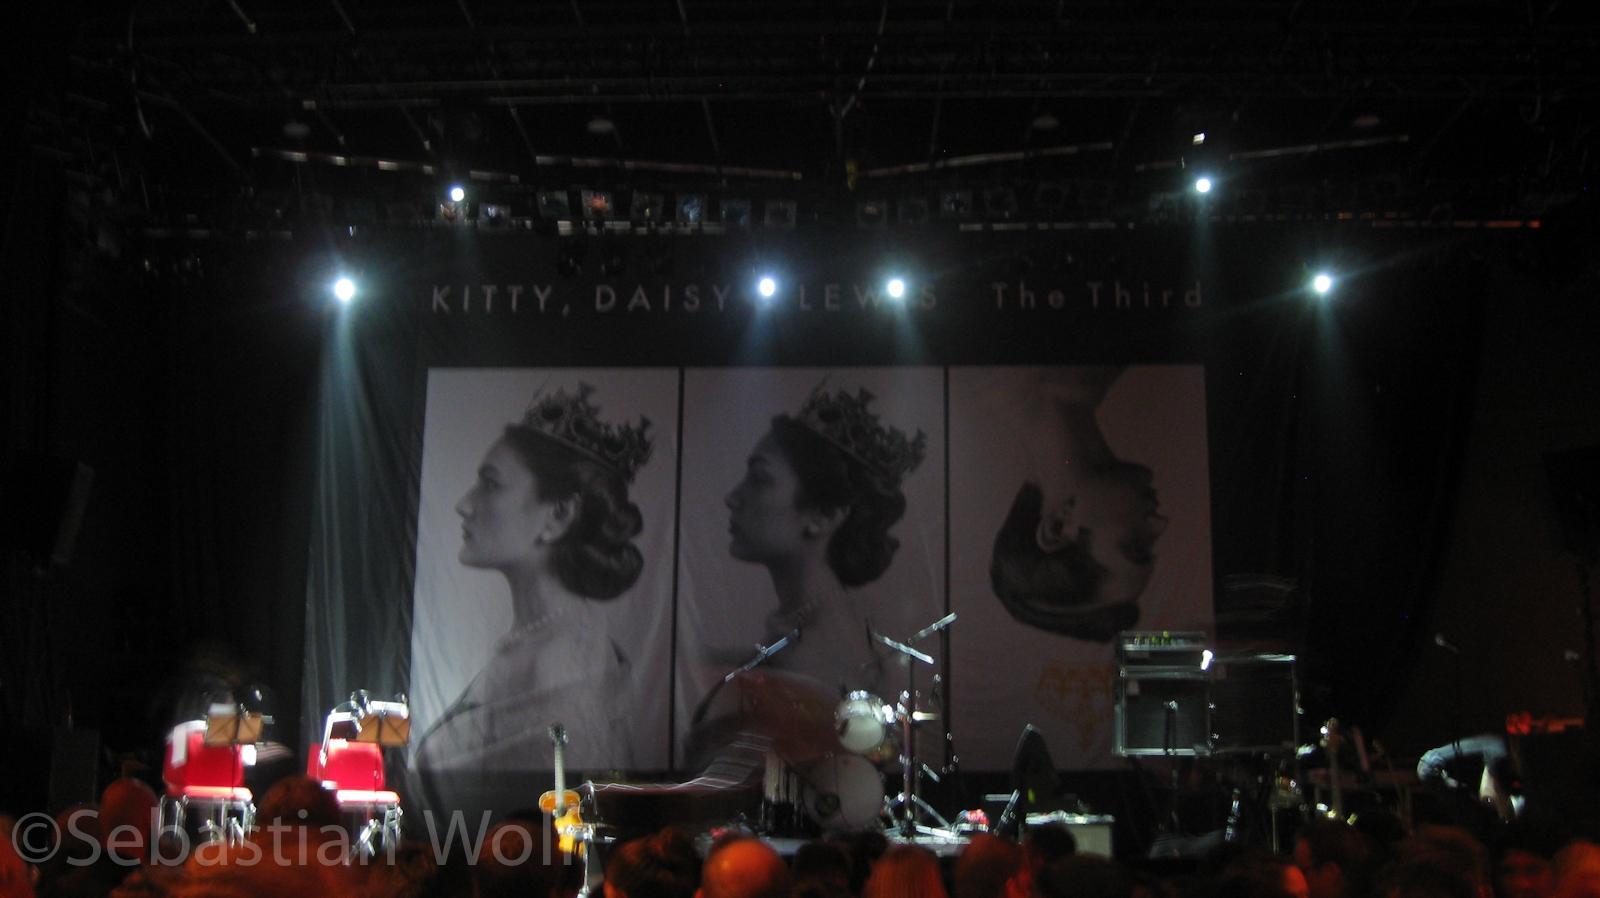 Kitty Daisy Lewis München